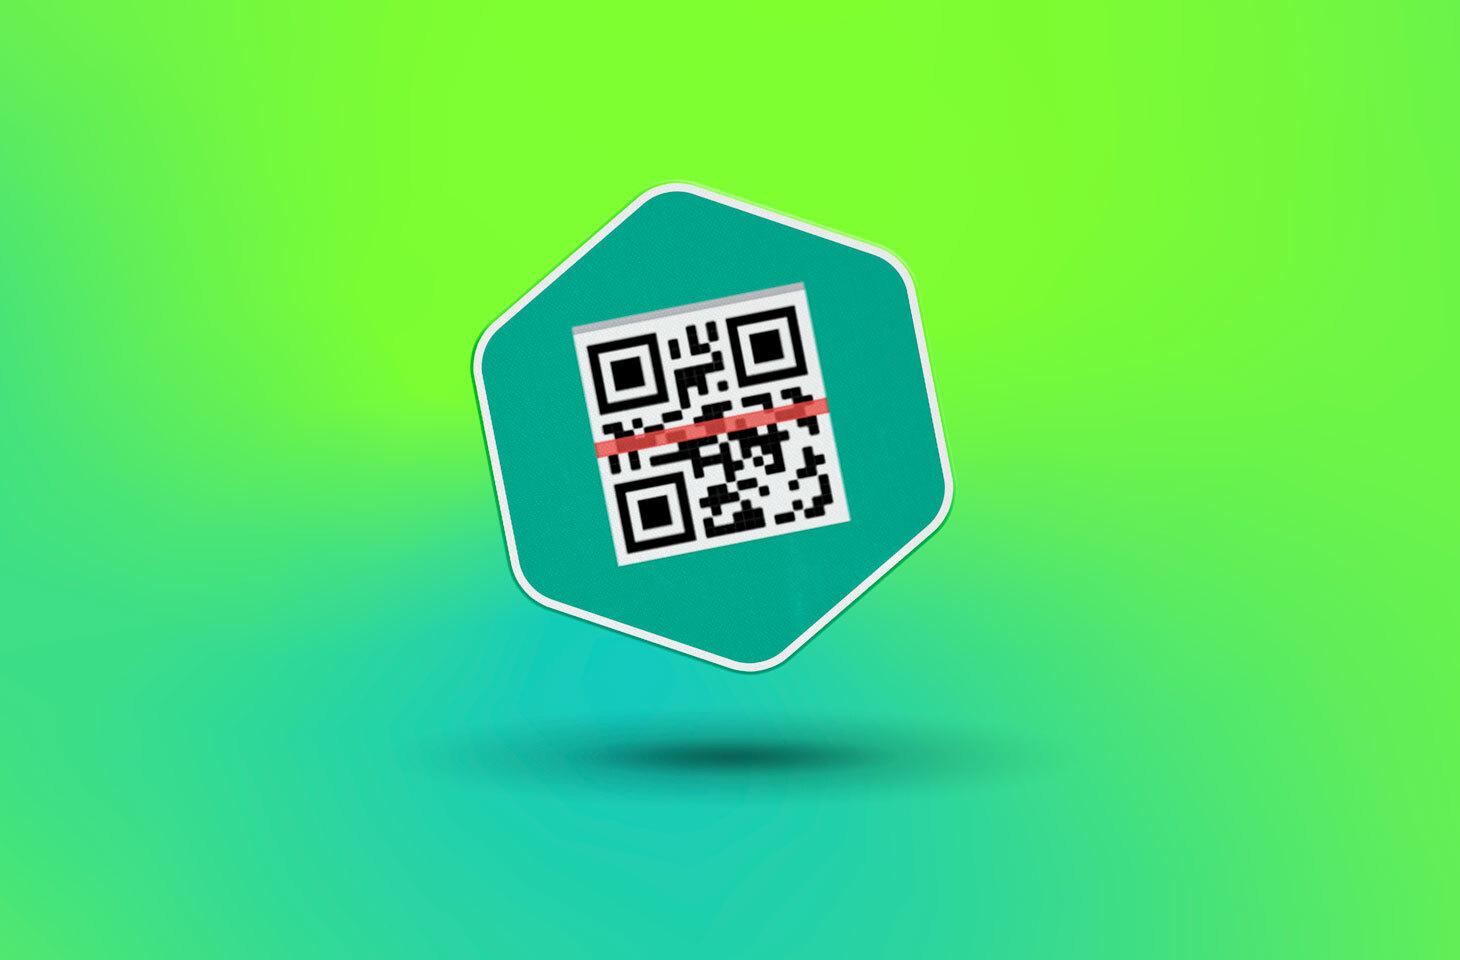 QR Code: facilidade ou perigo? | Blog oficial da Kaspersky